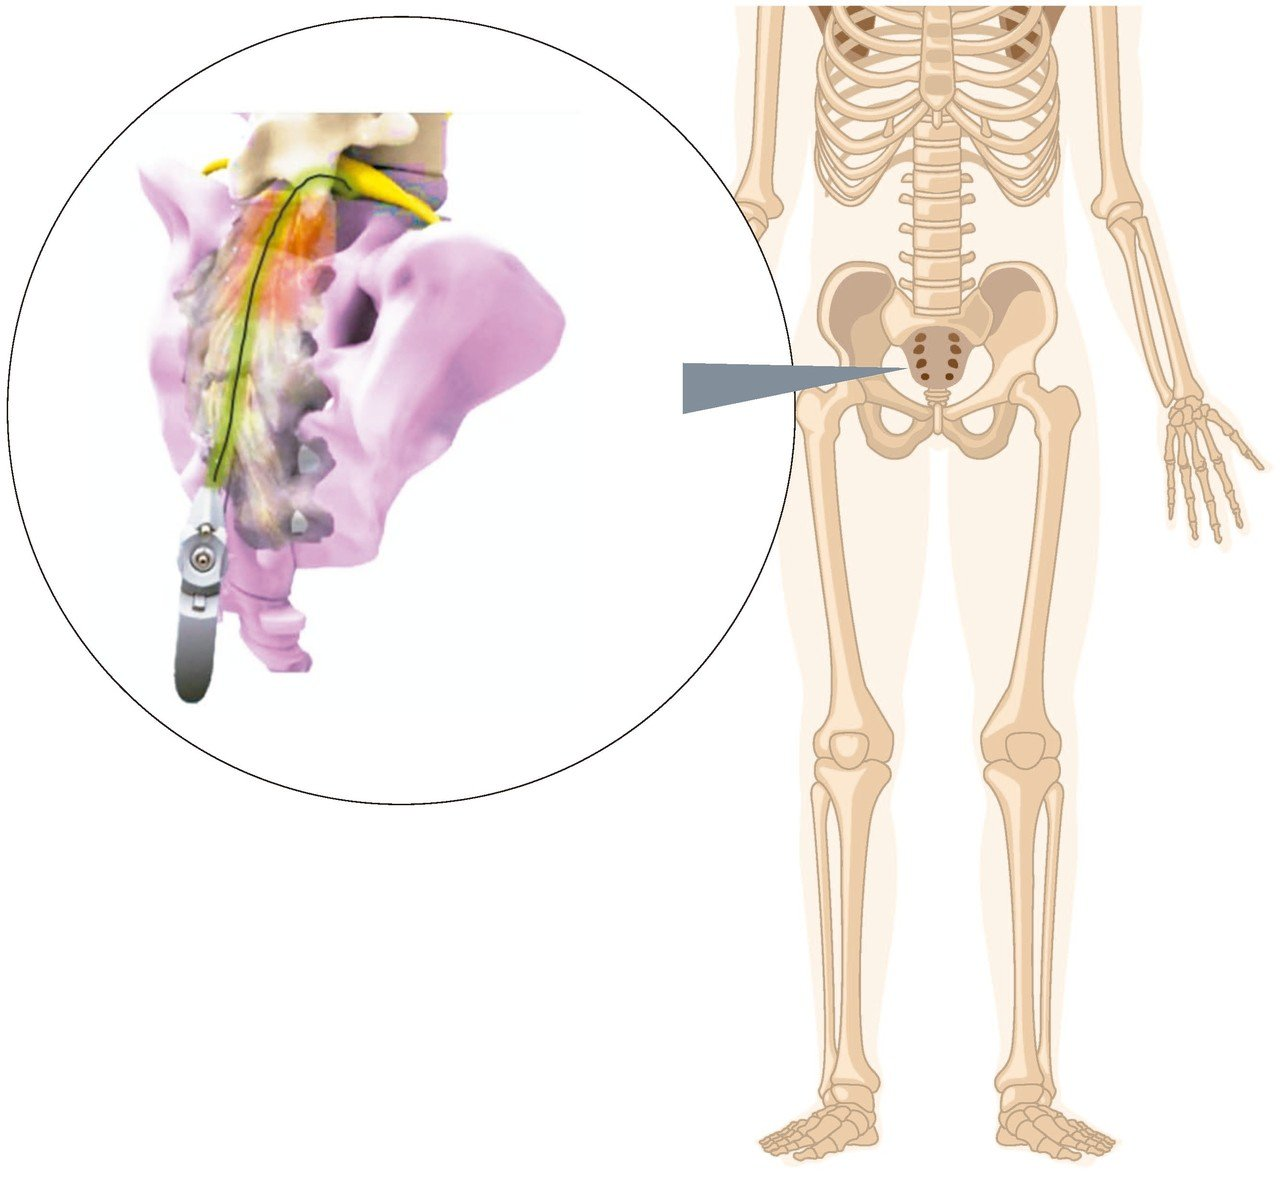 「脊內導管」從尾椎孔將進入「硬脊膜上腔」中,可以注射藥物及分離沾黏組織。 圖/湯...